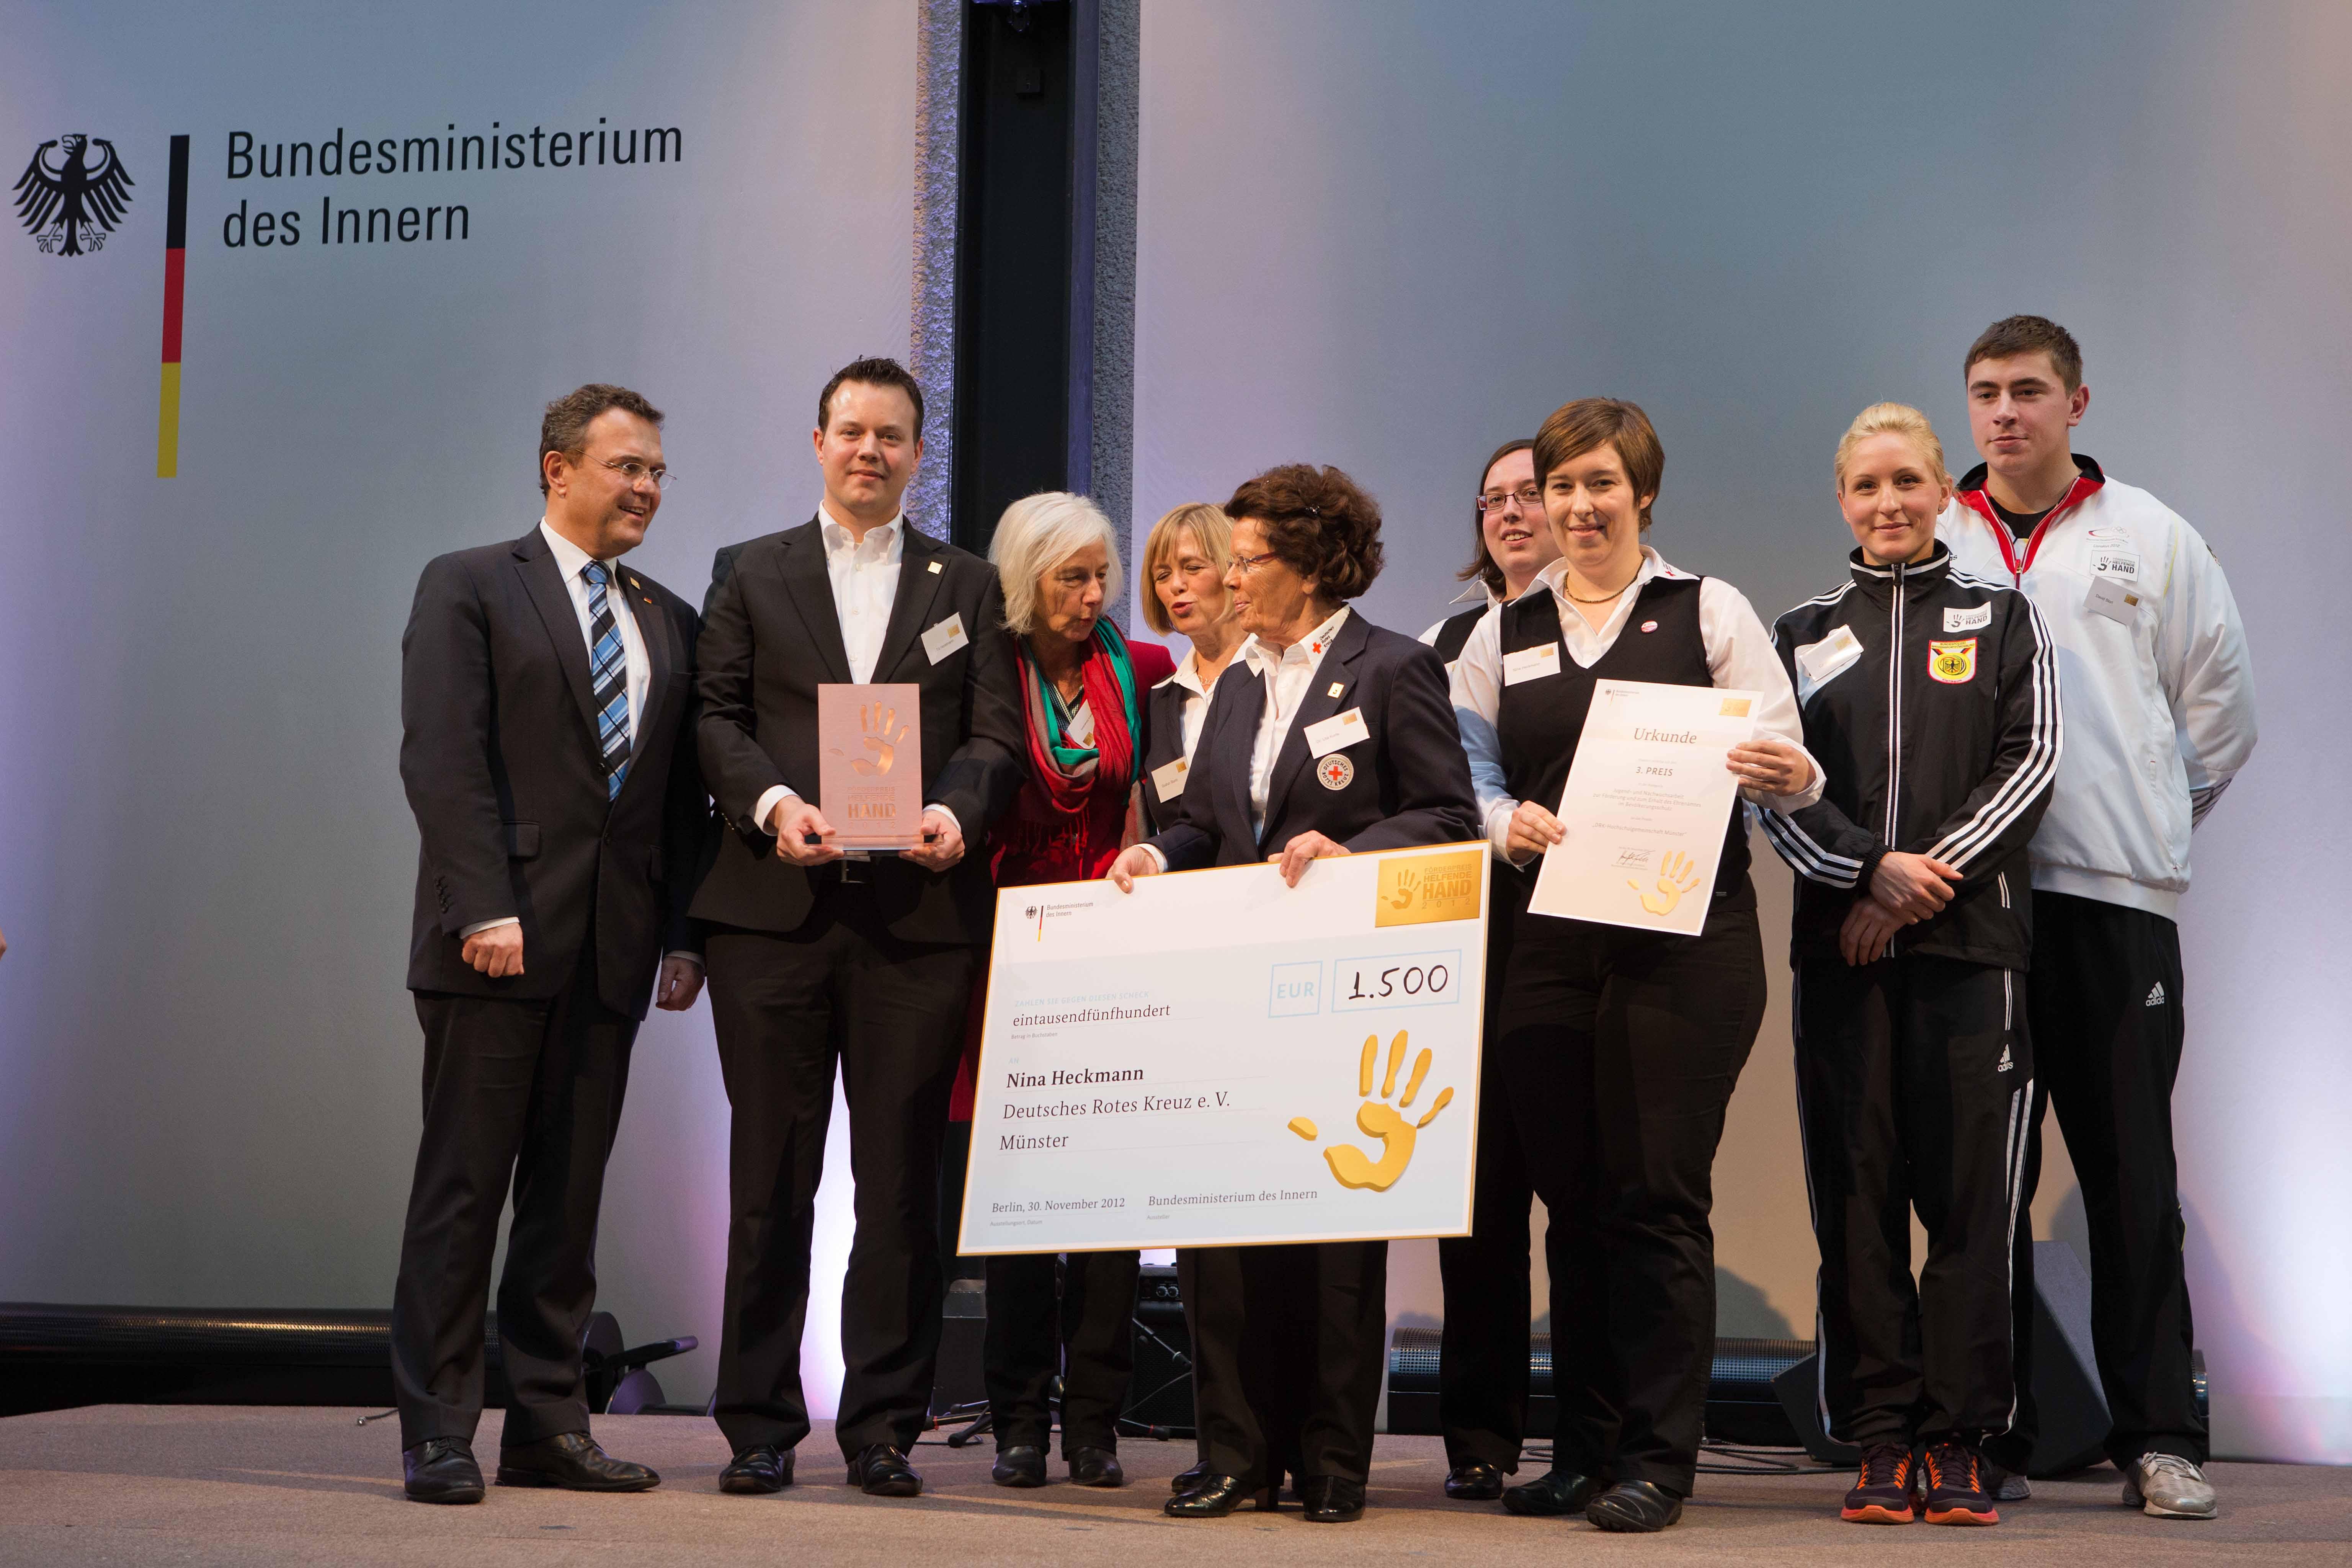 Preisträger und Innenminister auf Bühne